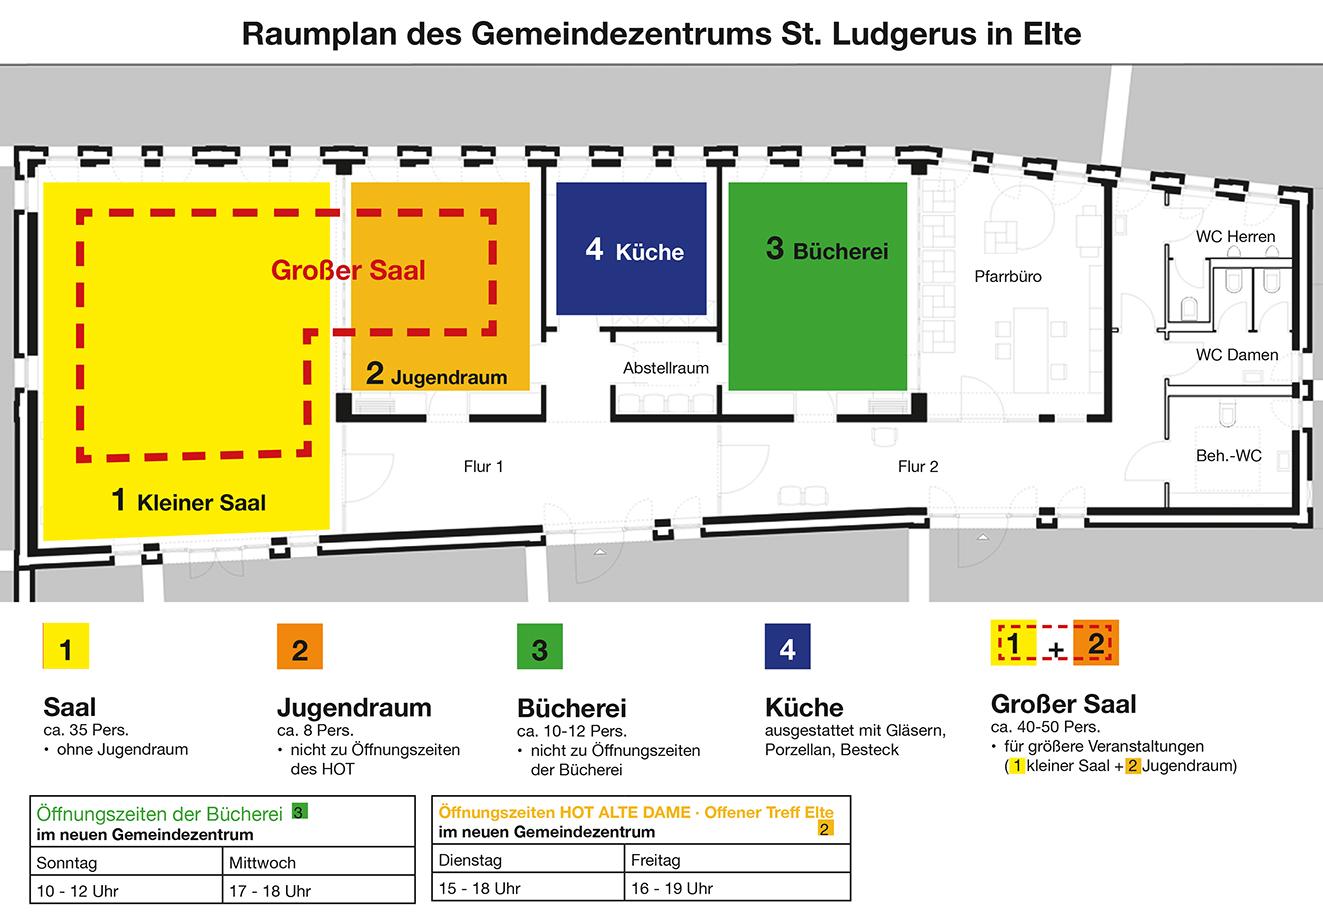 Raumplan Gemeindezentrum Elte